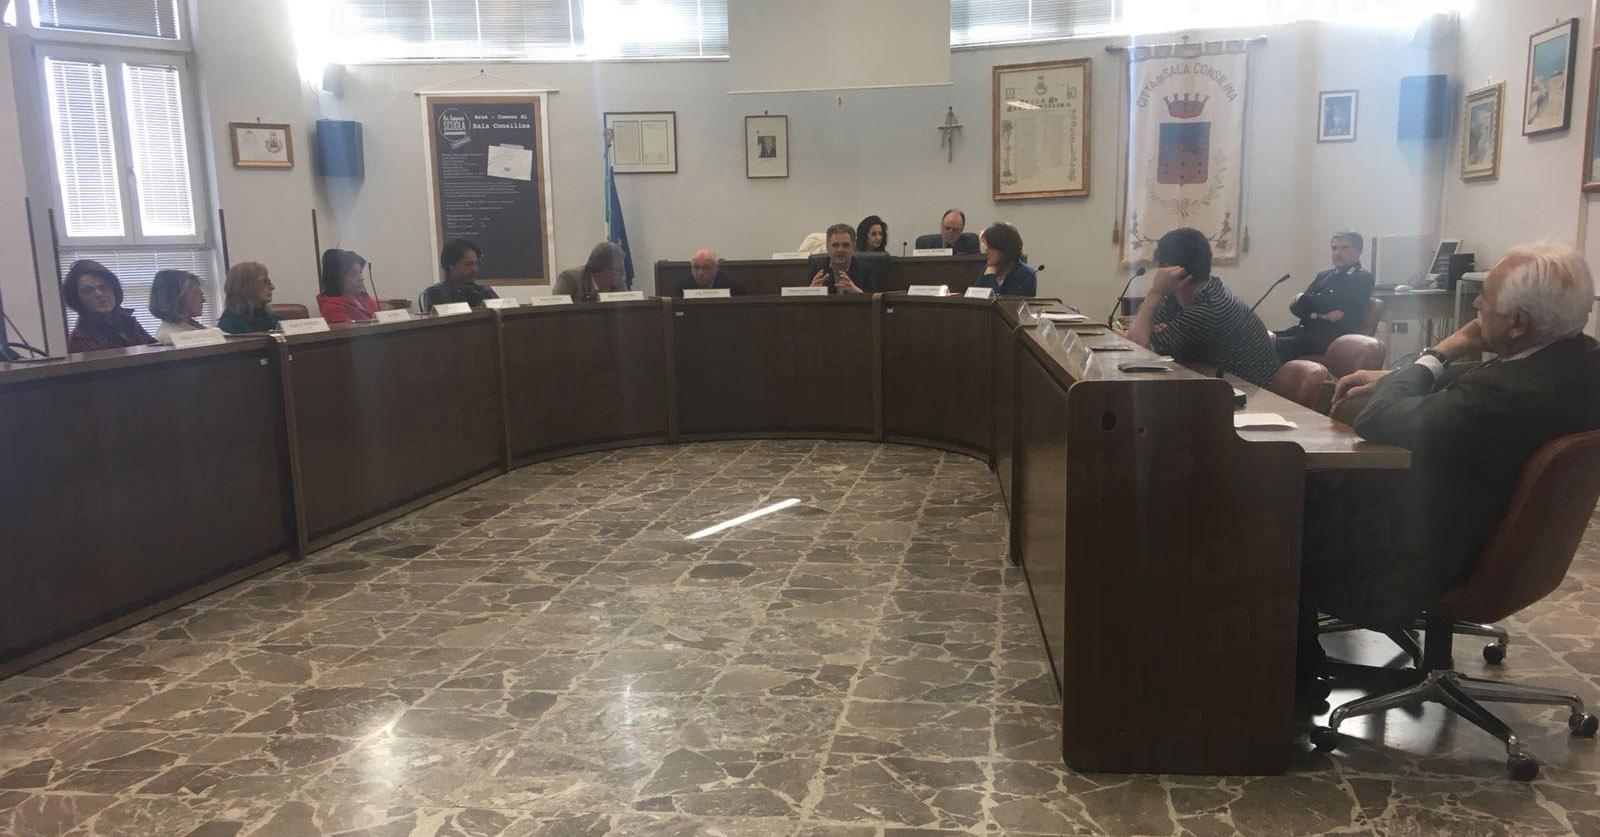 consiglio comunale sala c.30-03-18